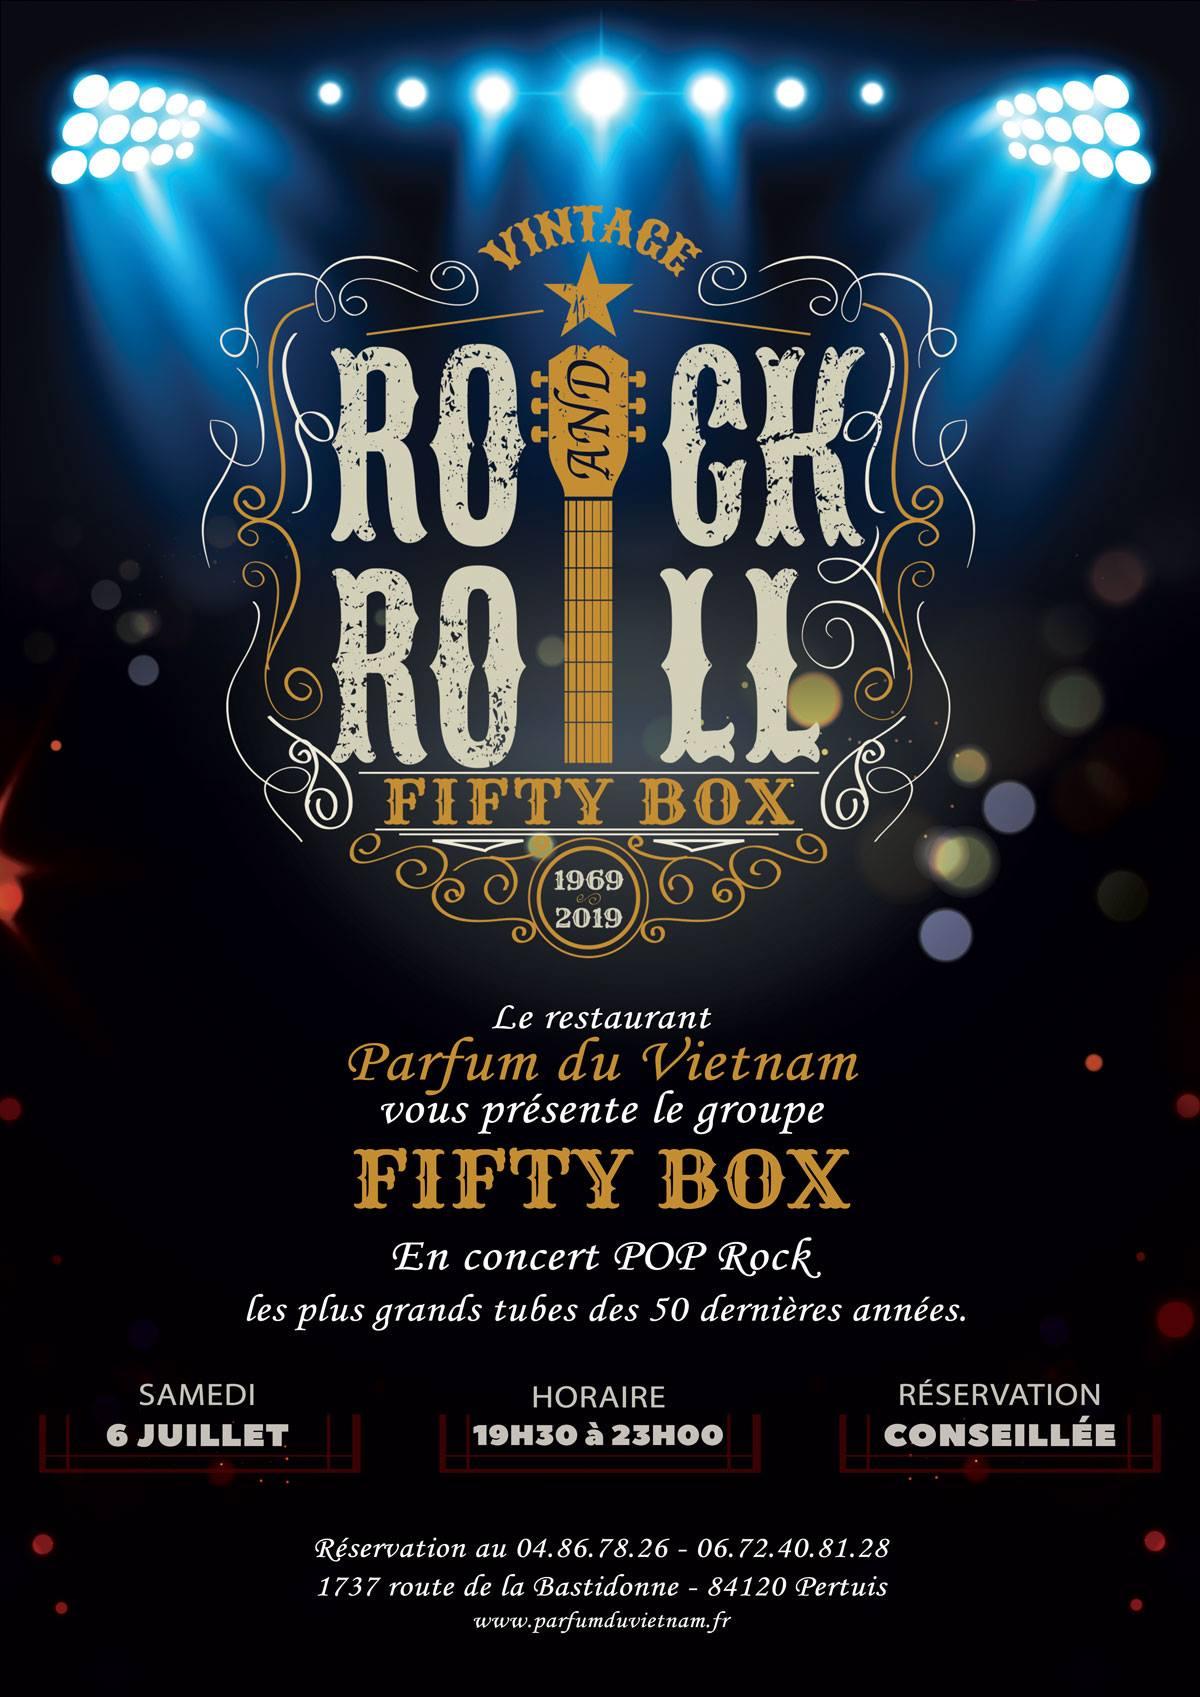 Affiche de concert des Fifty-Box